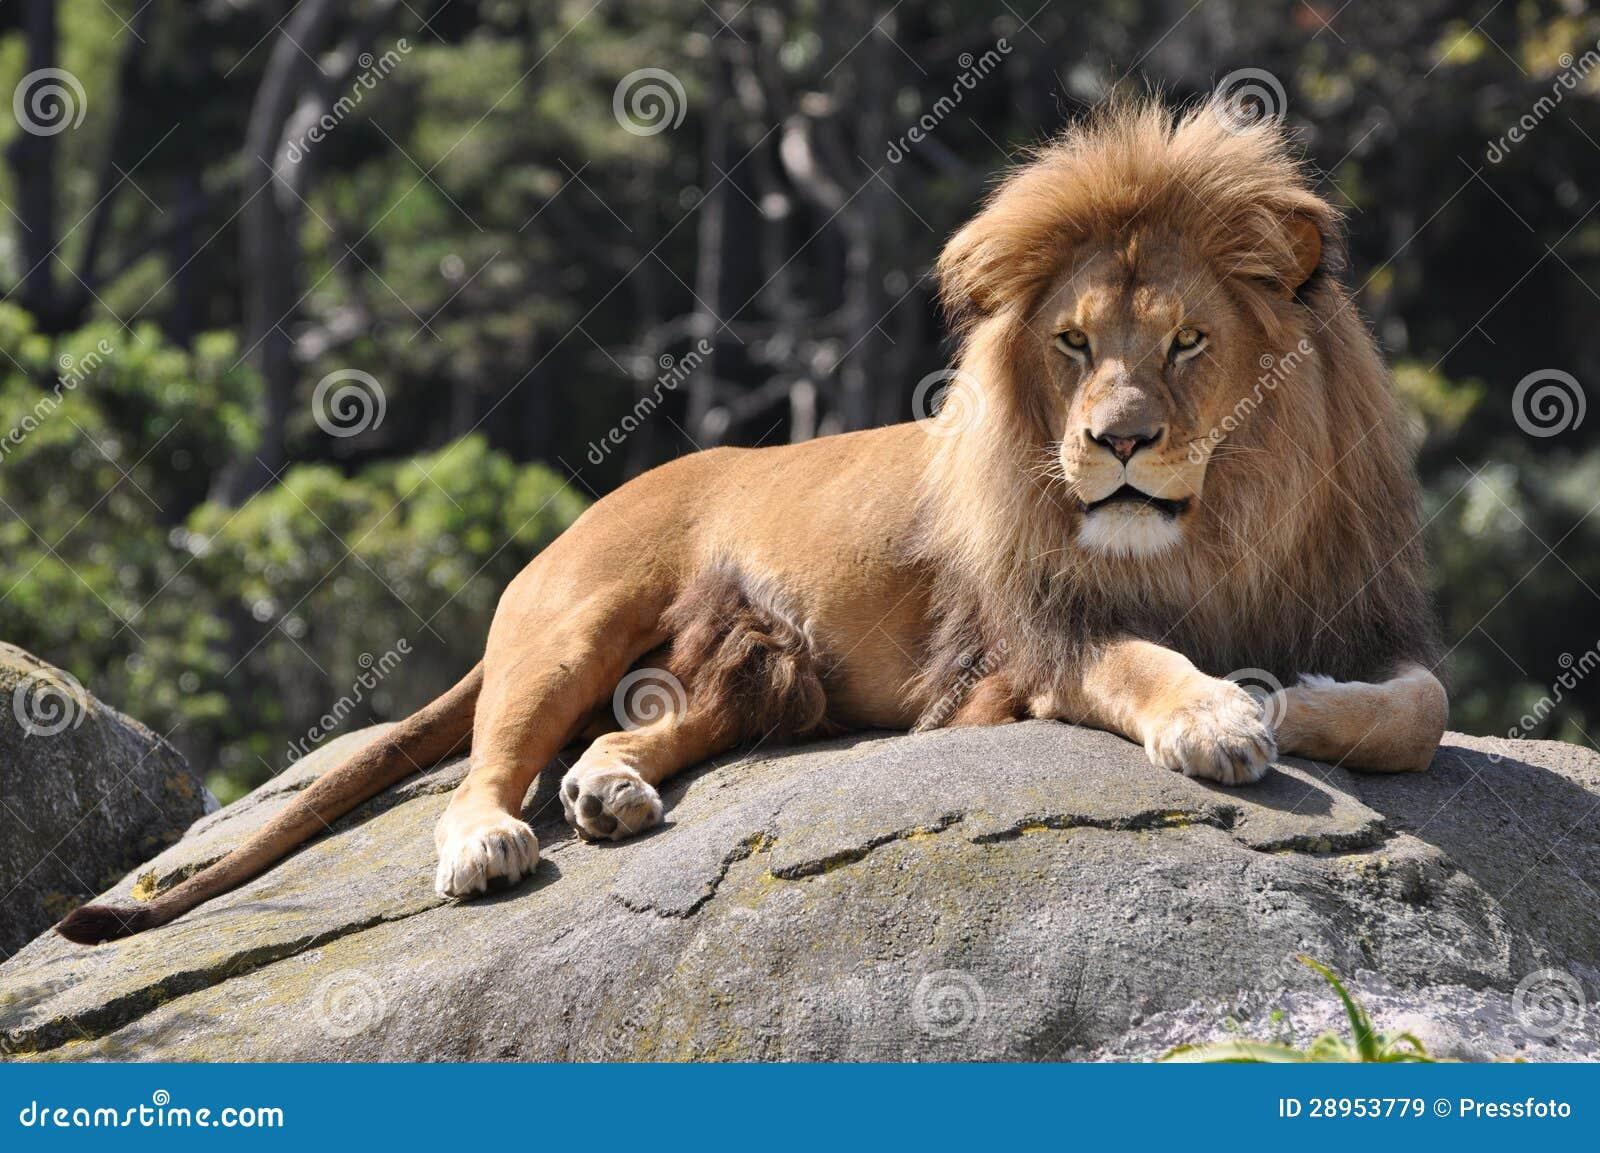 Odpoczynkowy afrykański lew.